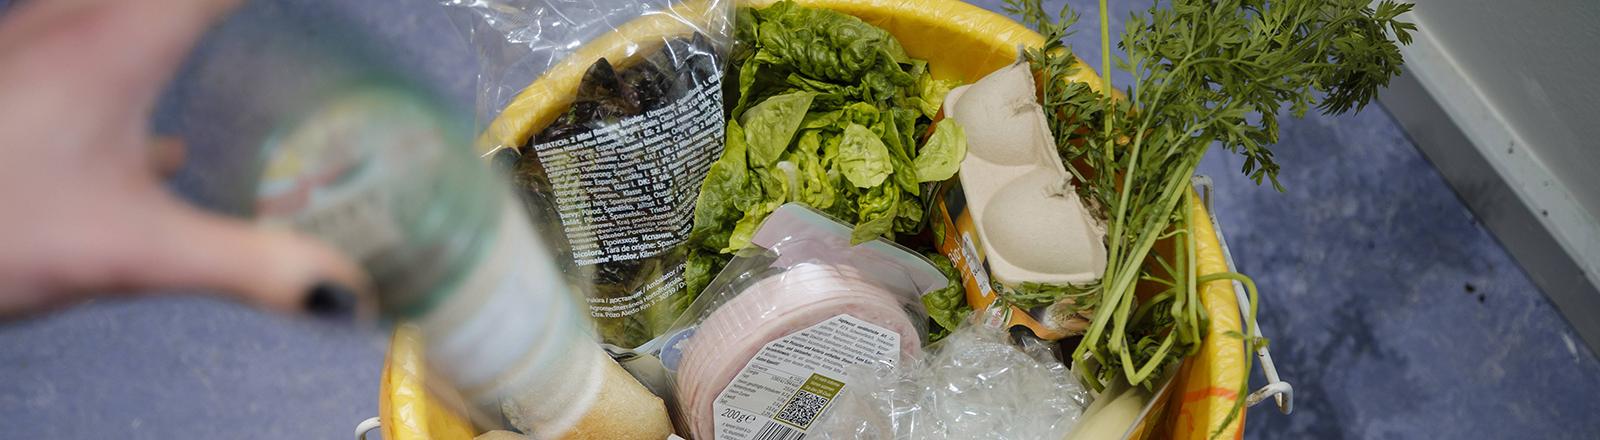 Lebensmittel Müll